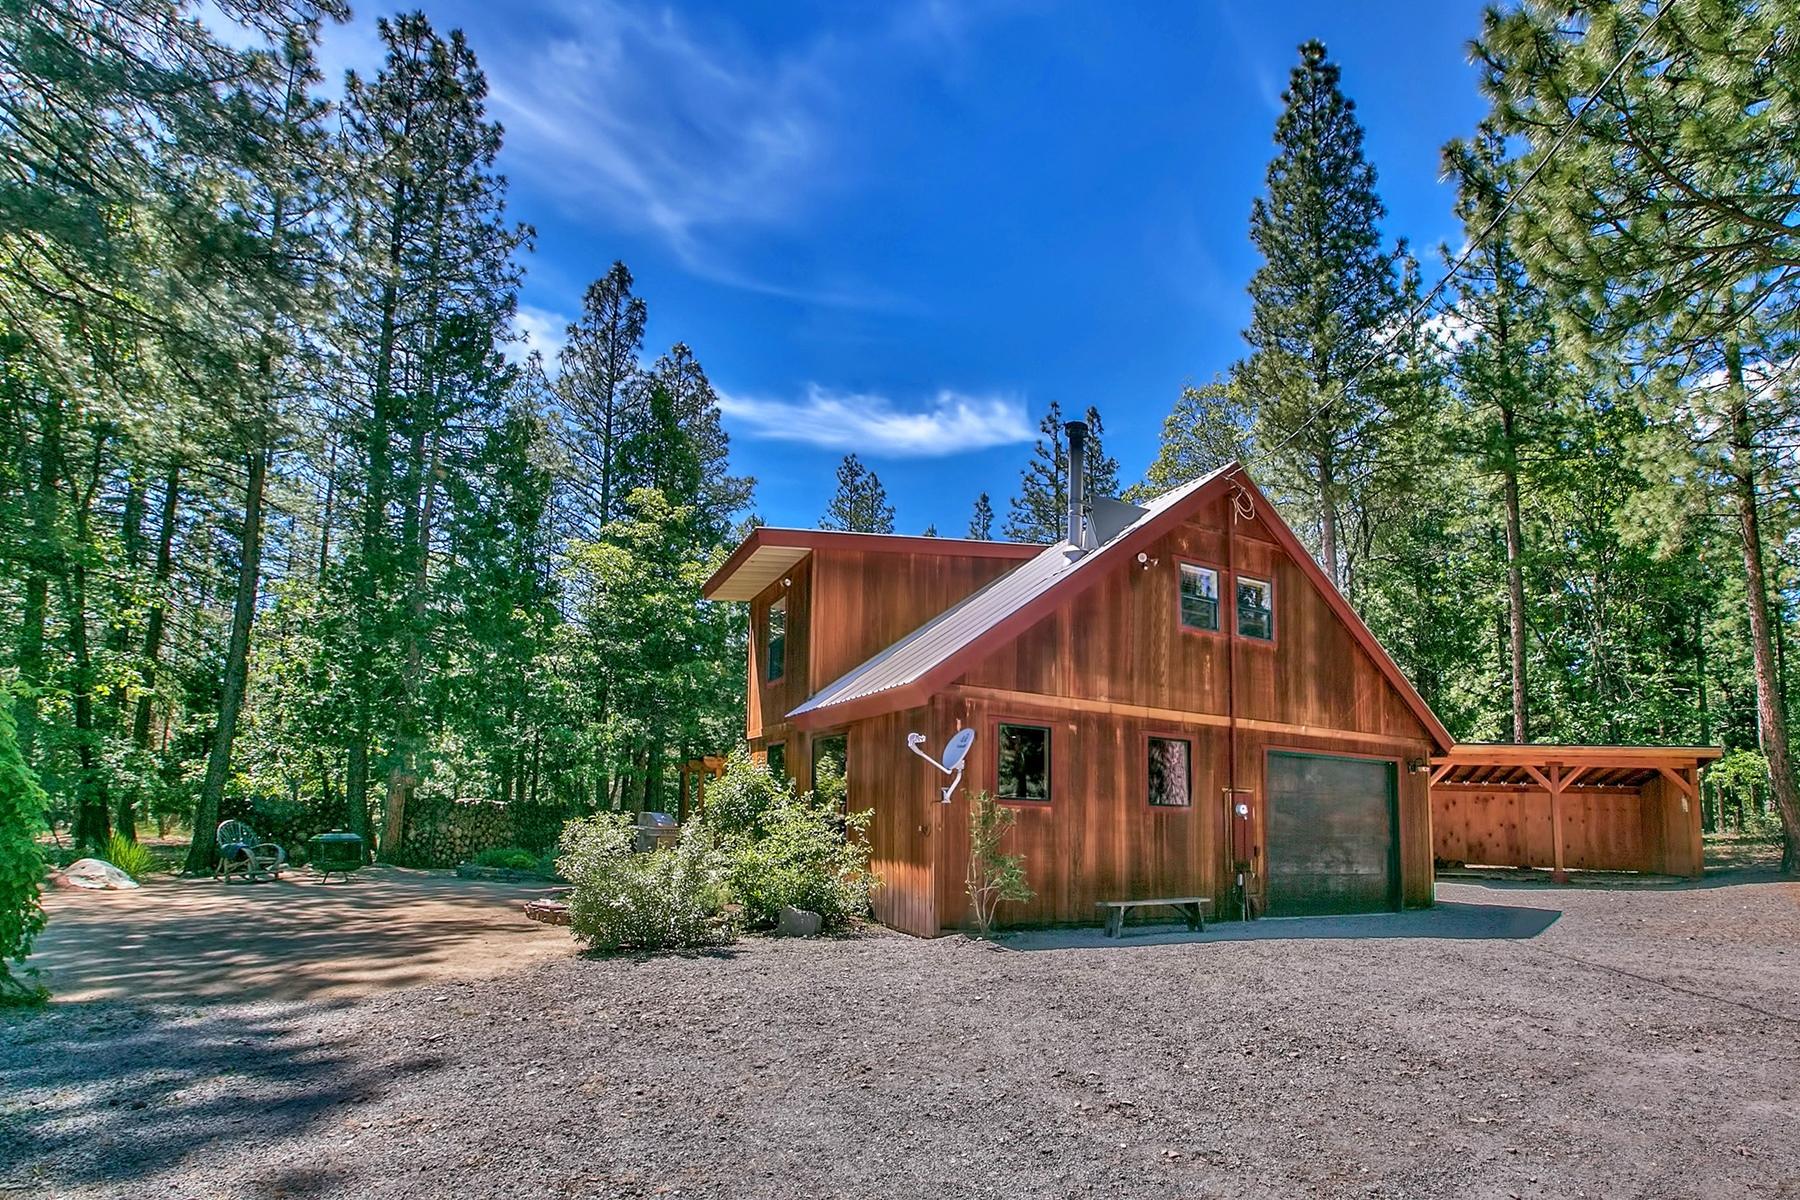 独户住宅 为 销售 在 68833 Guidici Lane, Blairsden, CA 布赖尔斯登, 加利福尼亚州 96103 美国